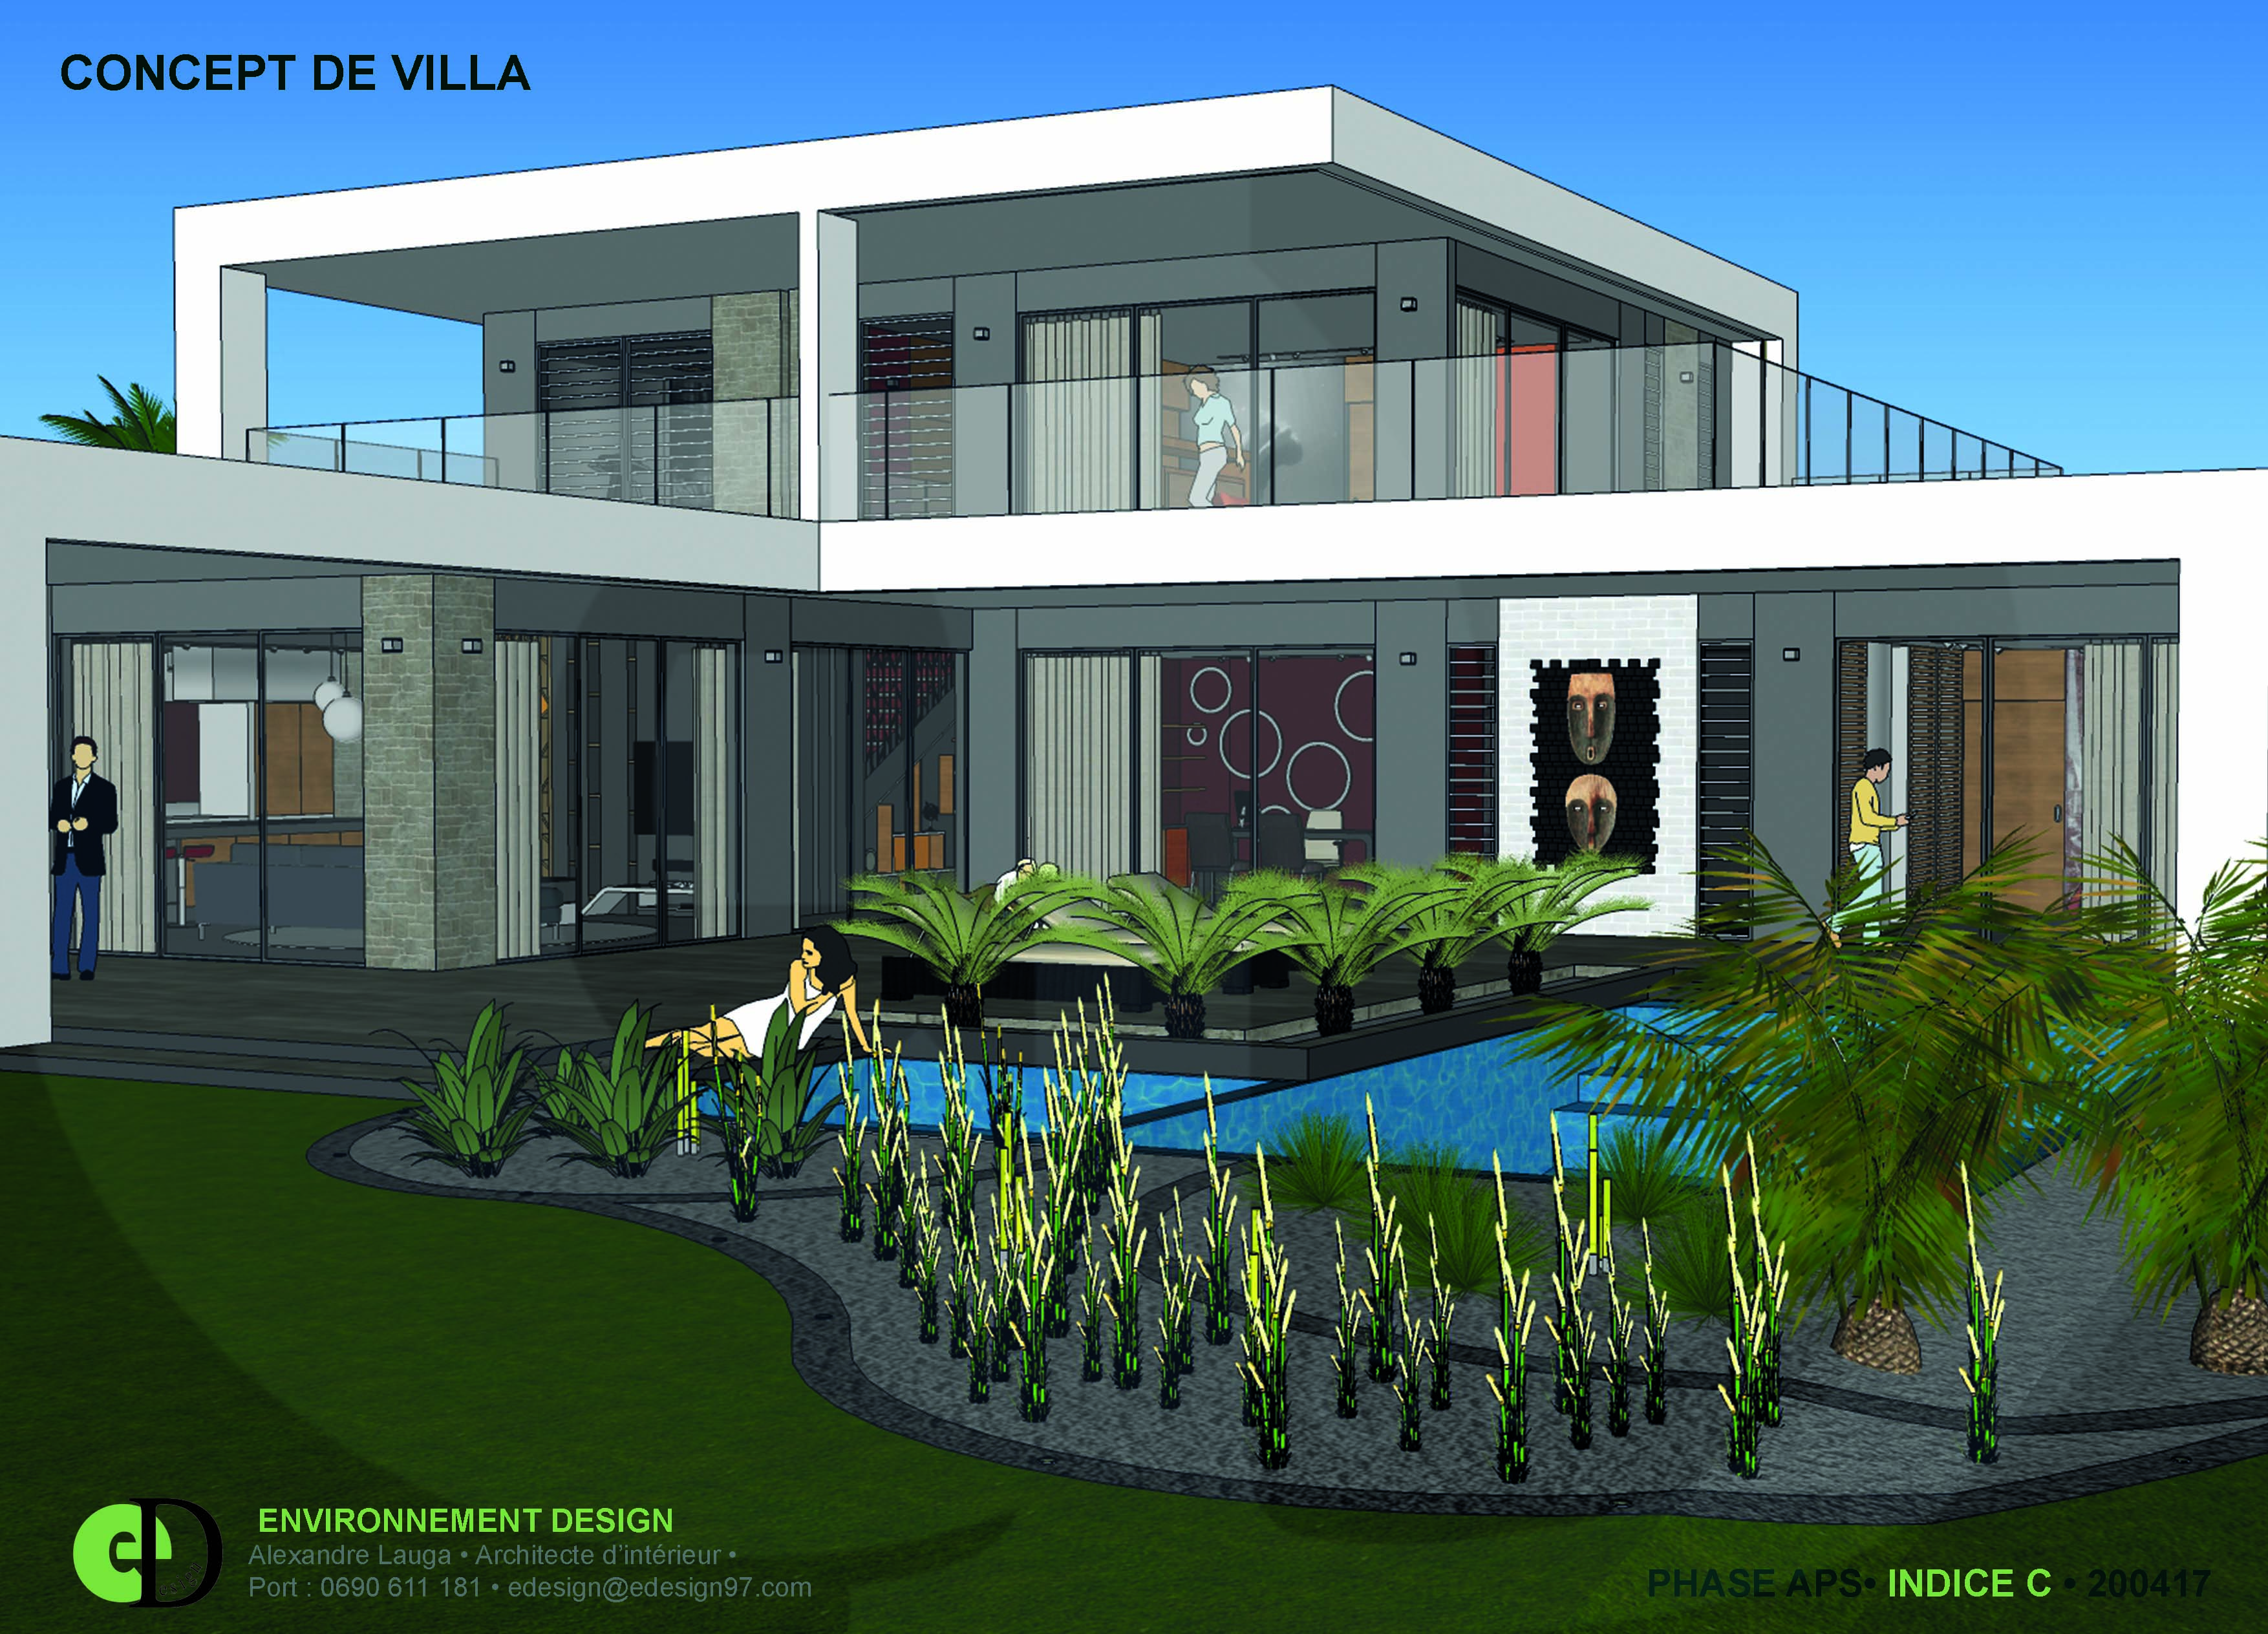 environnement design alexandre lauga architecte d 39 int rieur villa concept. Black Bedroom Furniture Sets. Home Design Ideas